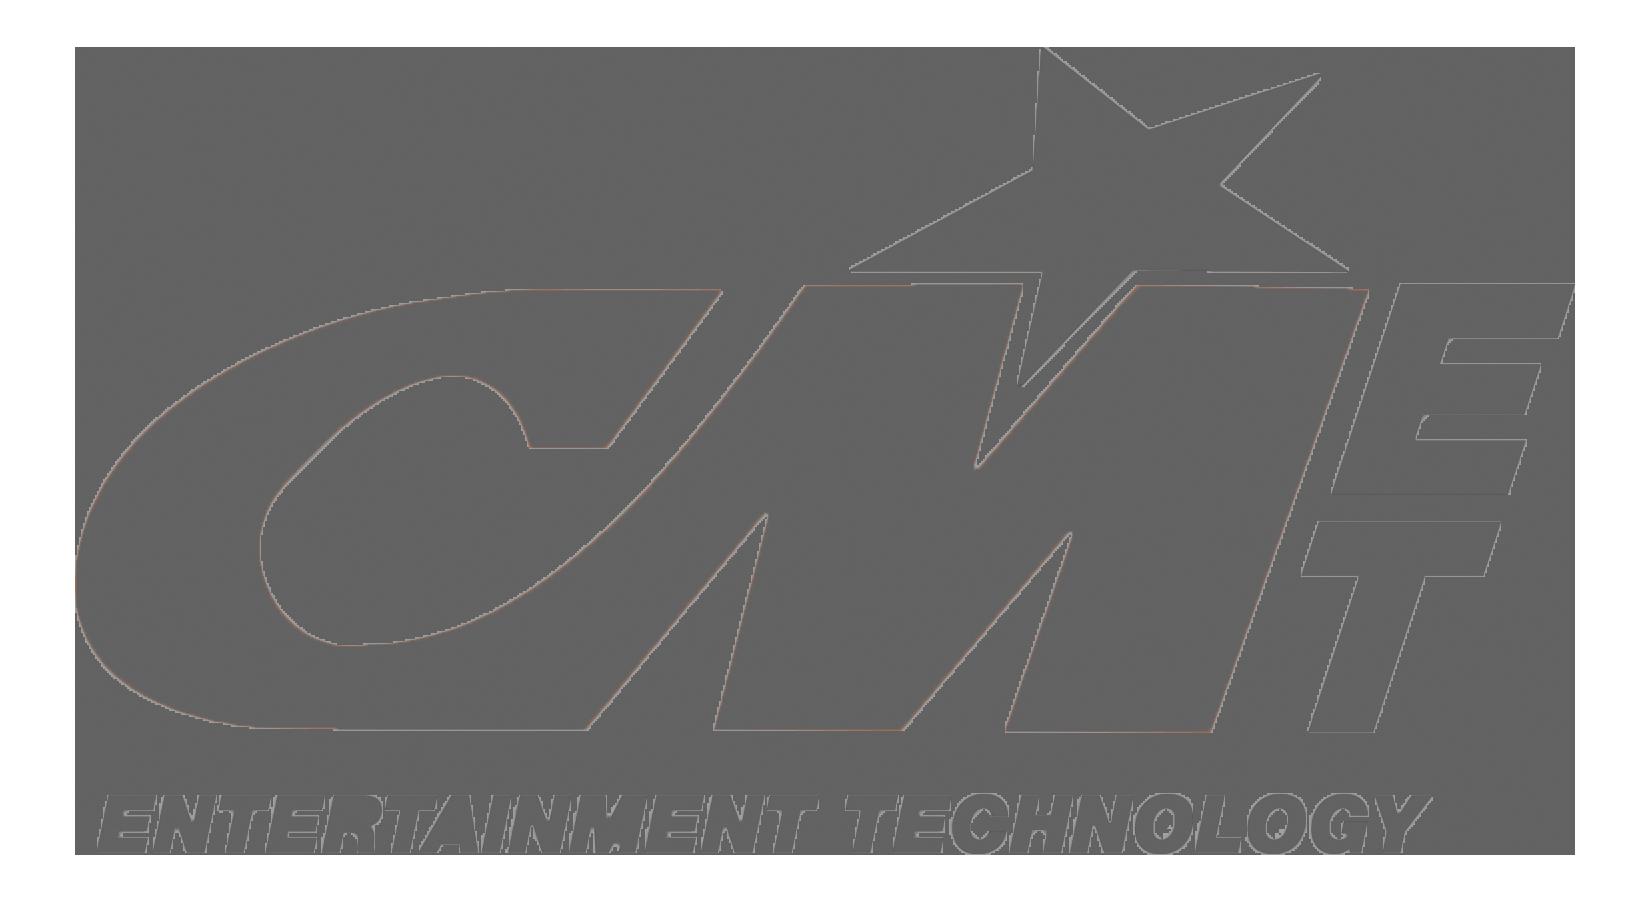 cmet_logo gray.png